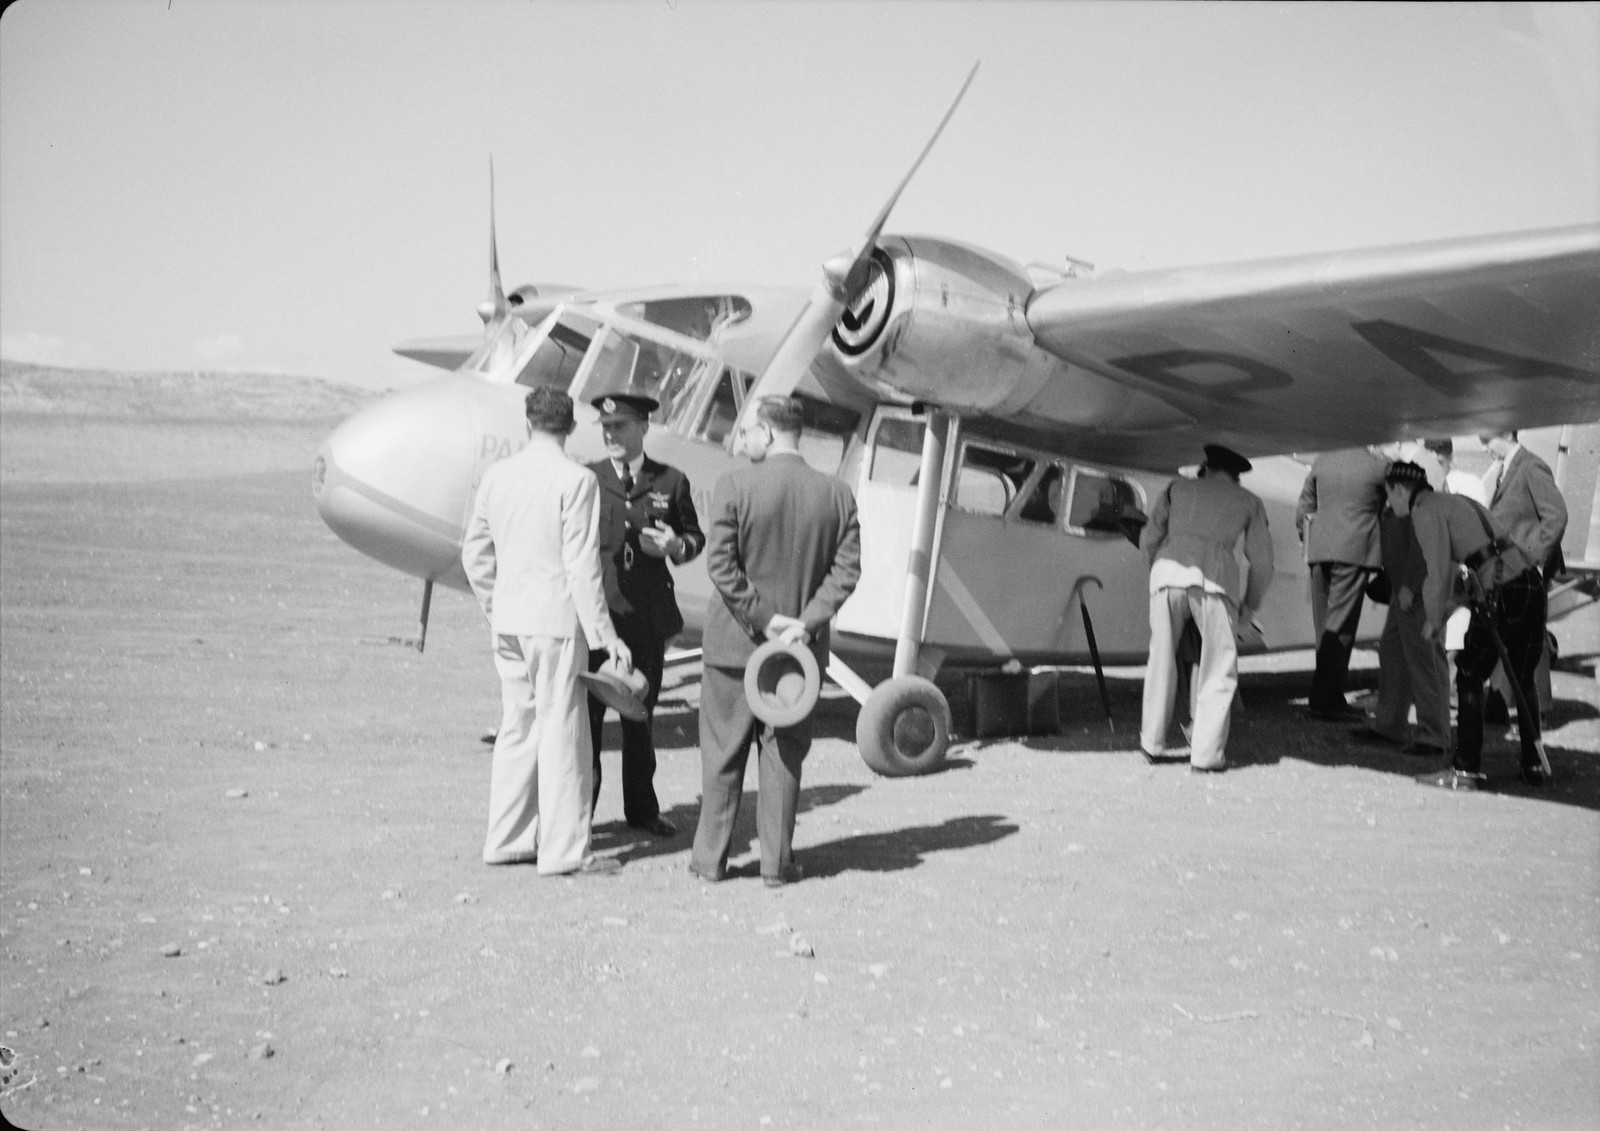 15. Сумки Верховного комиссара снимают с самолета. Его пилот капитан Эндрюс на переднем плане